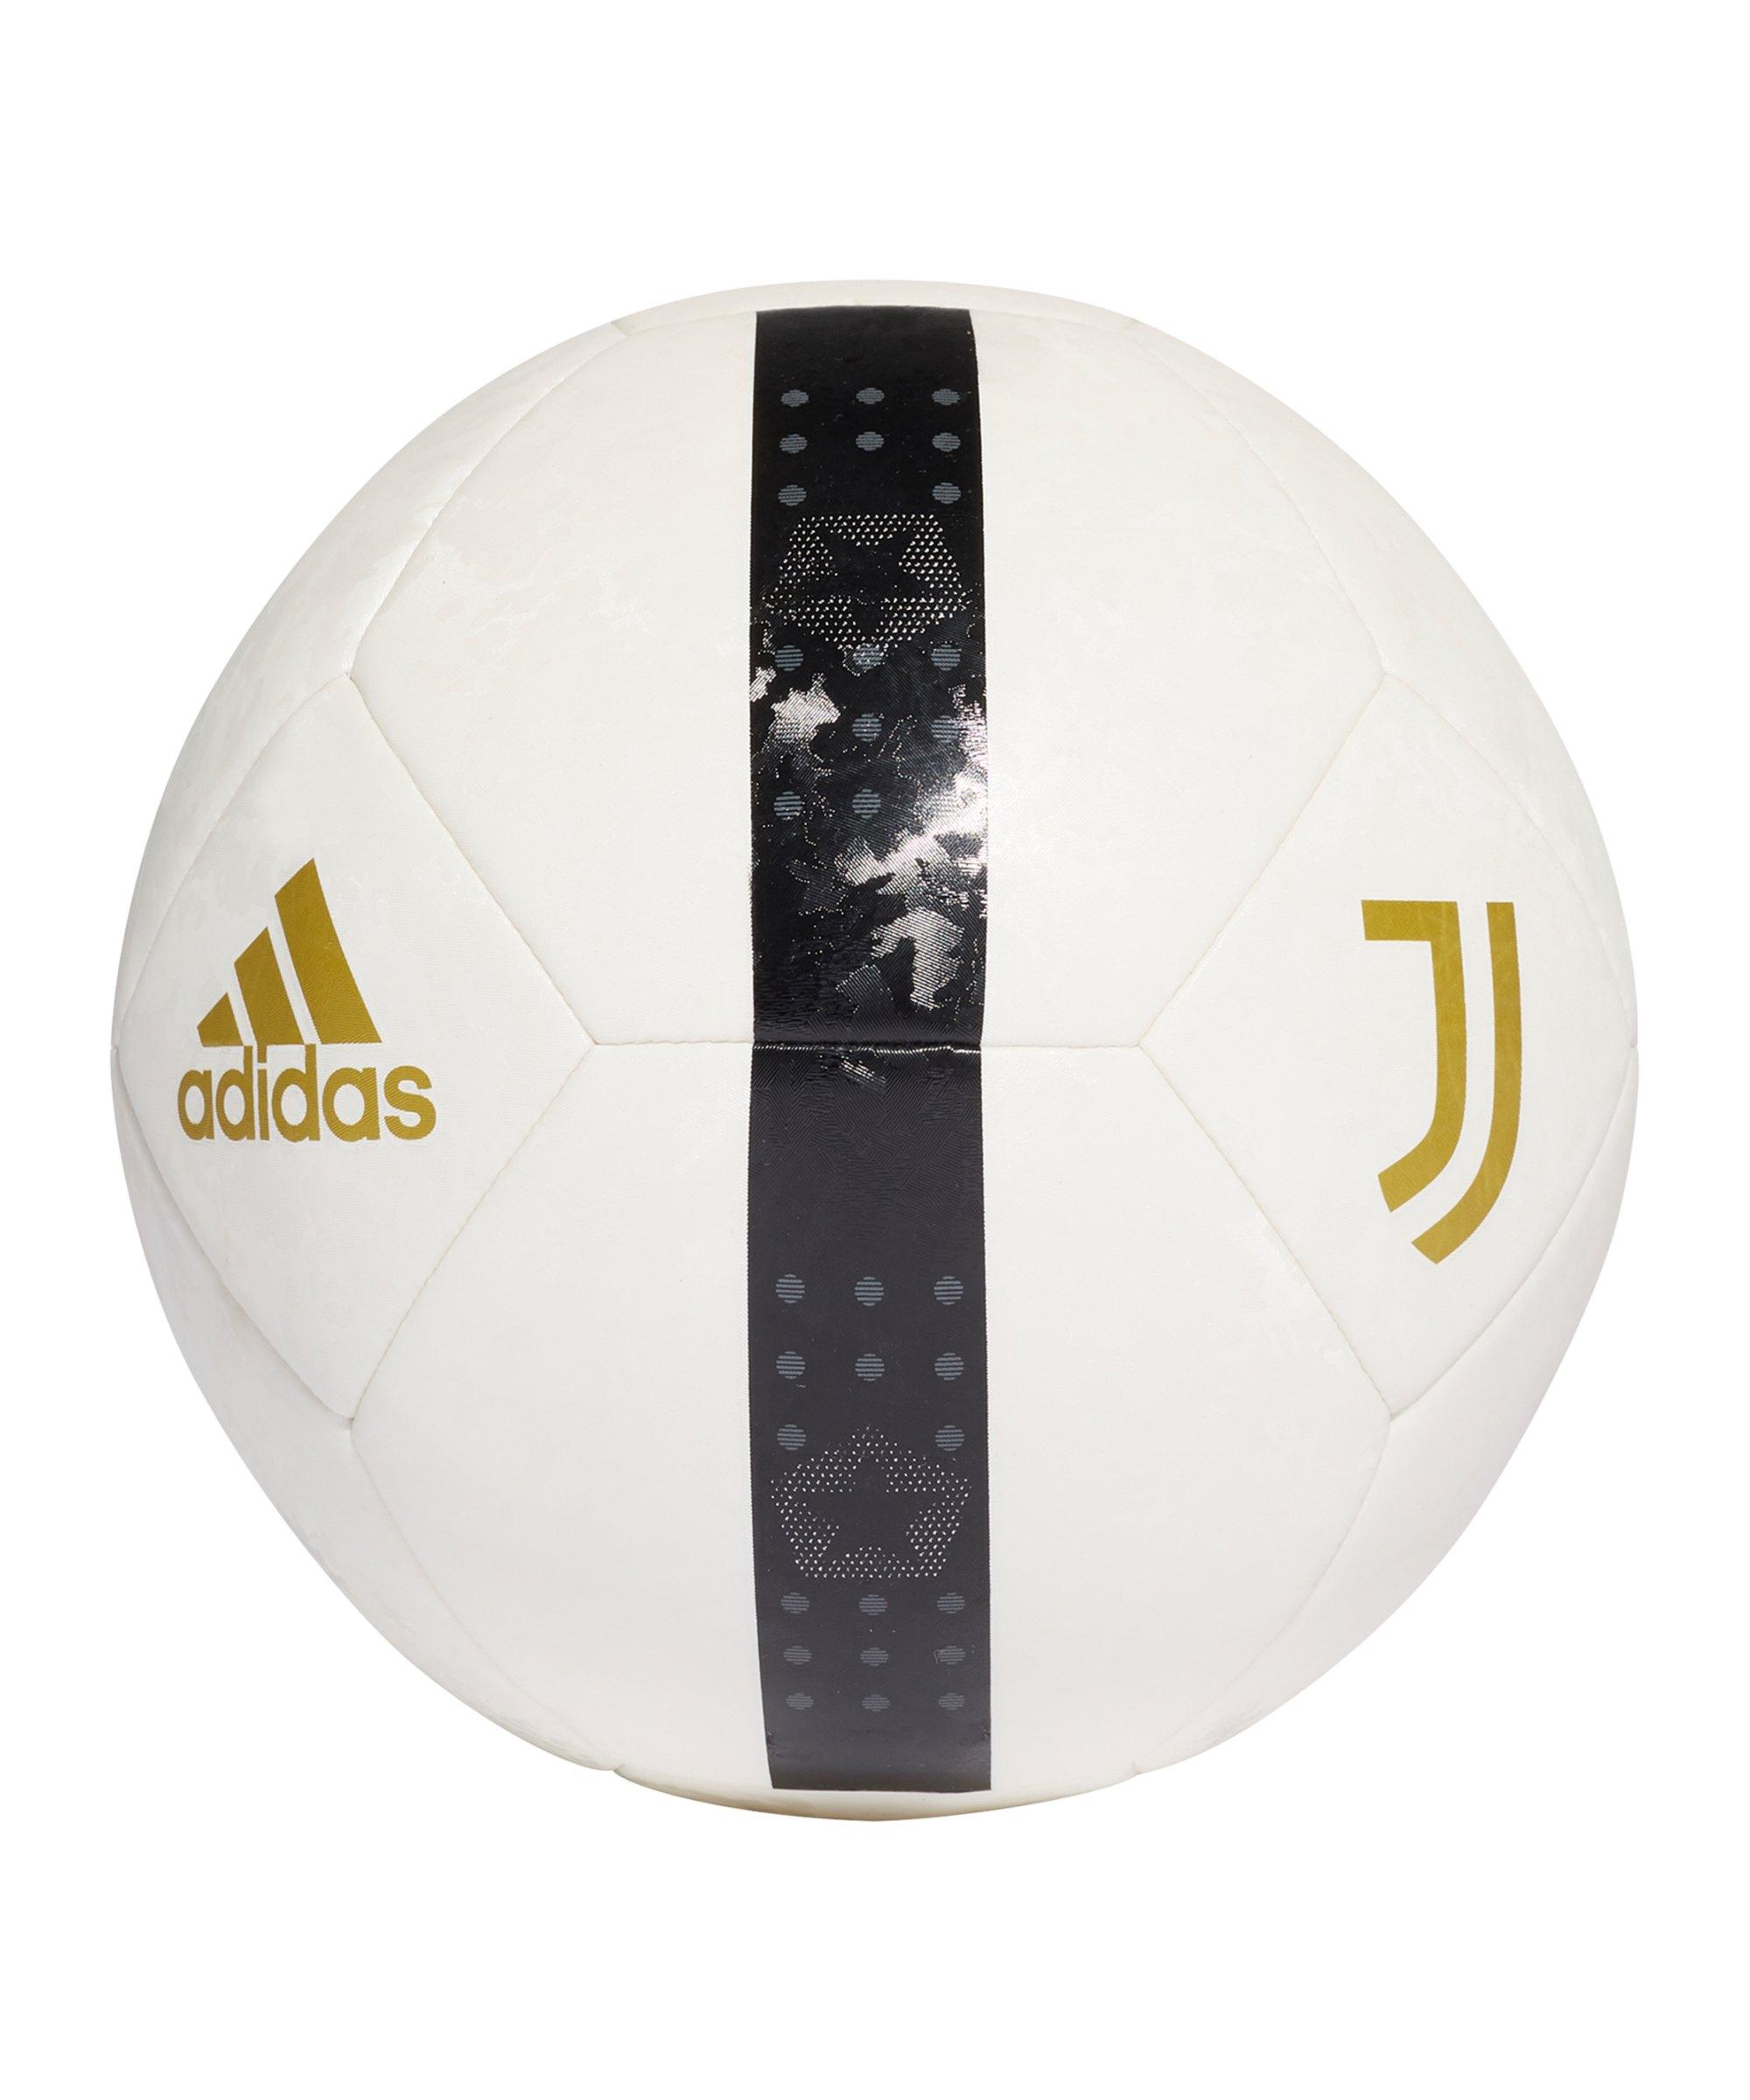 adidas Starlancer Plus Fussball Silber Weiss - silber